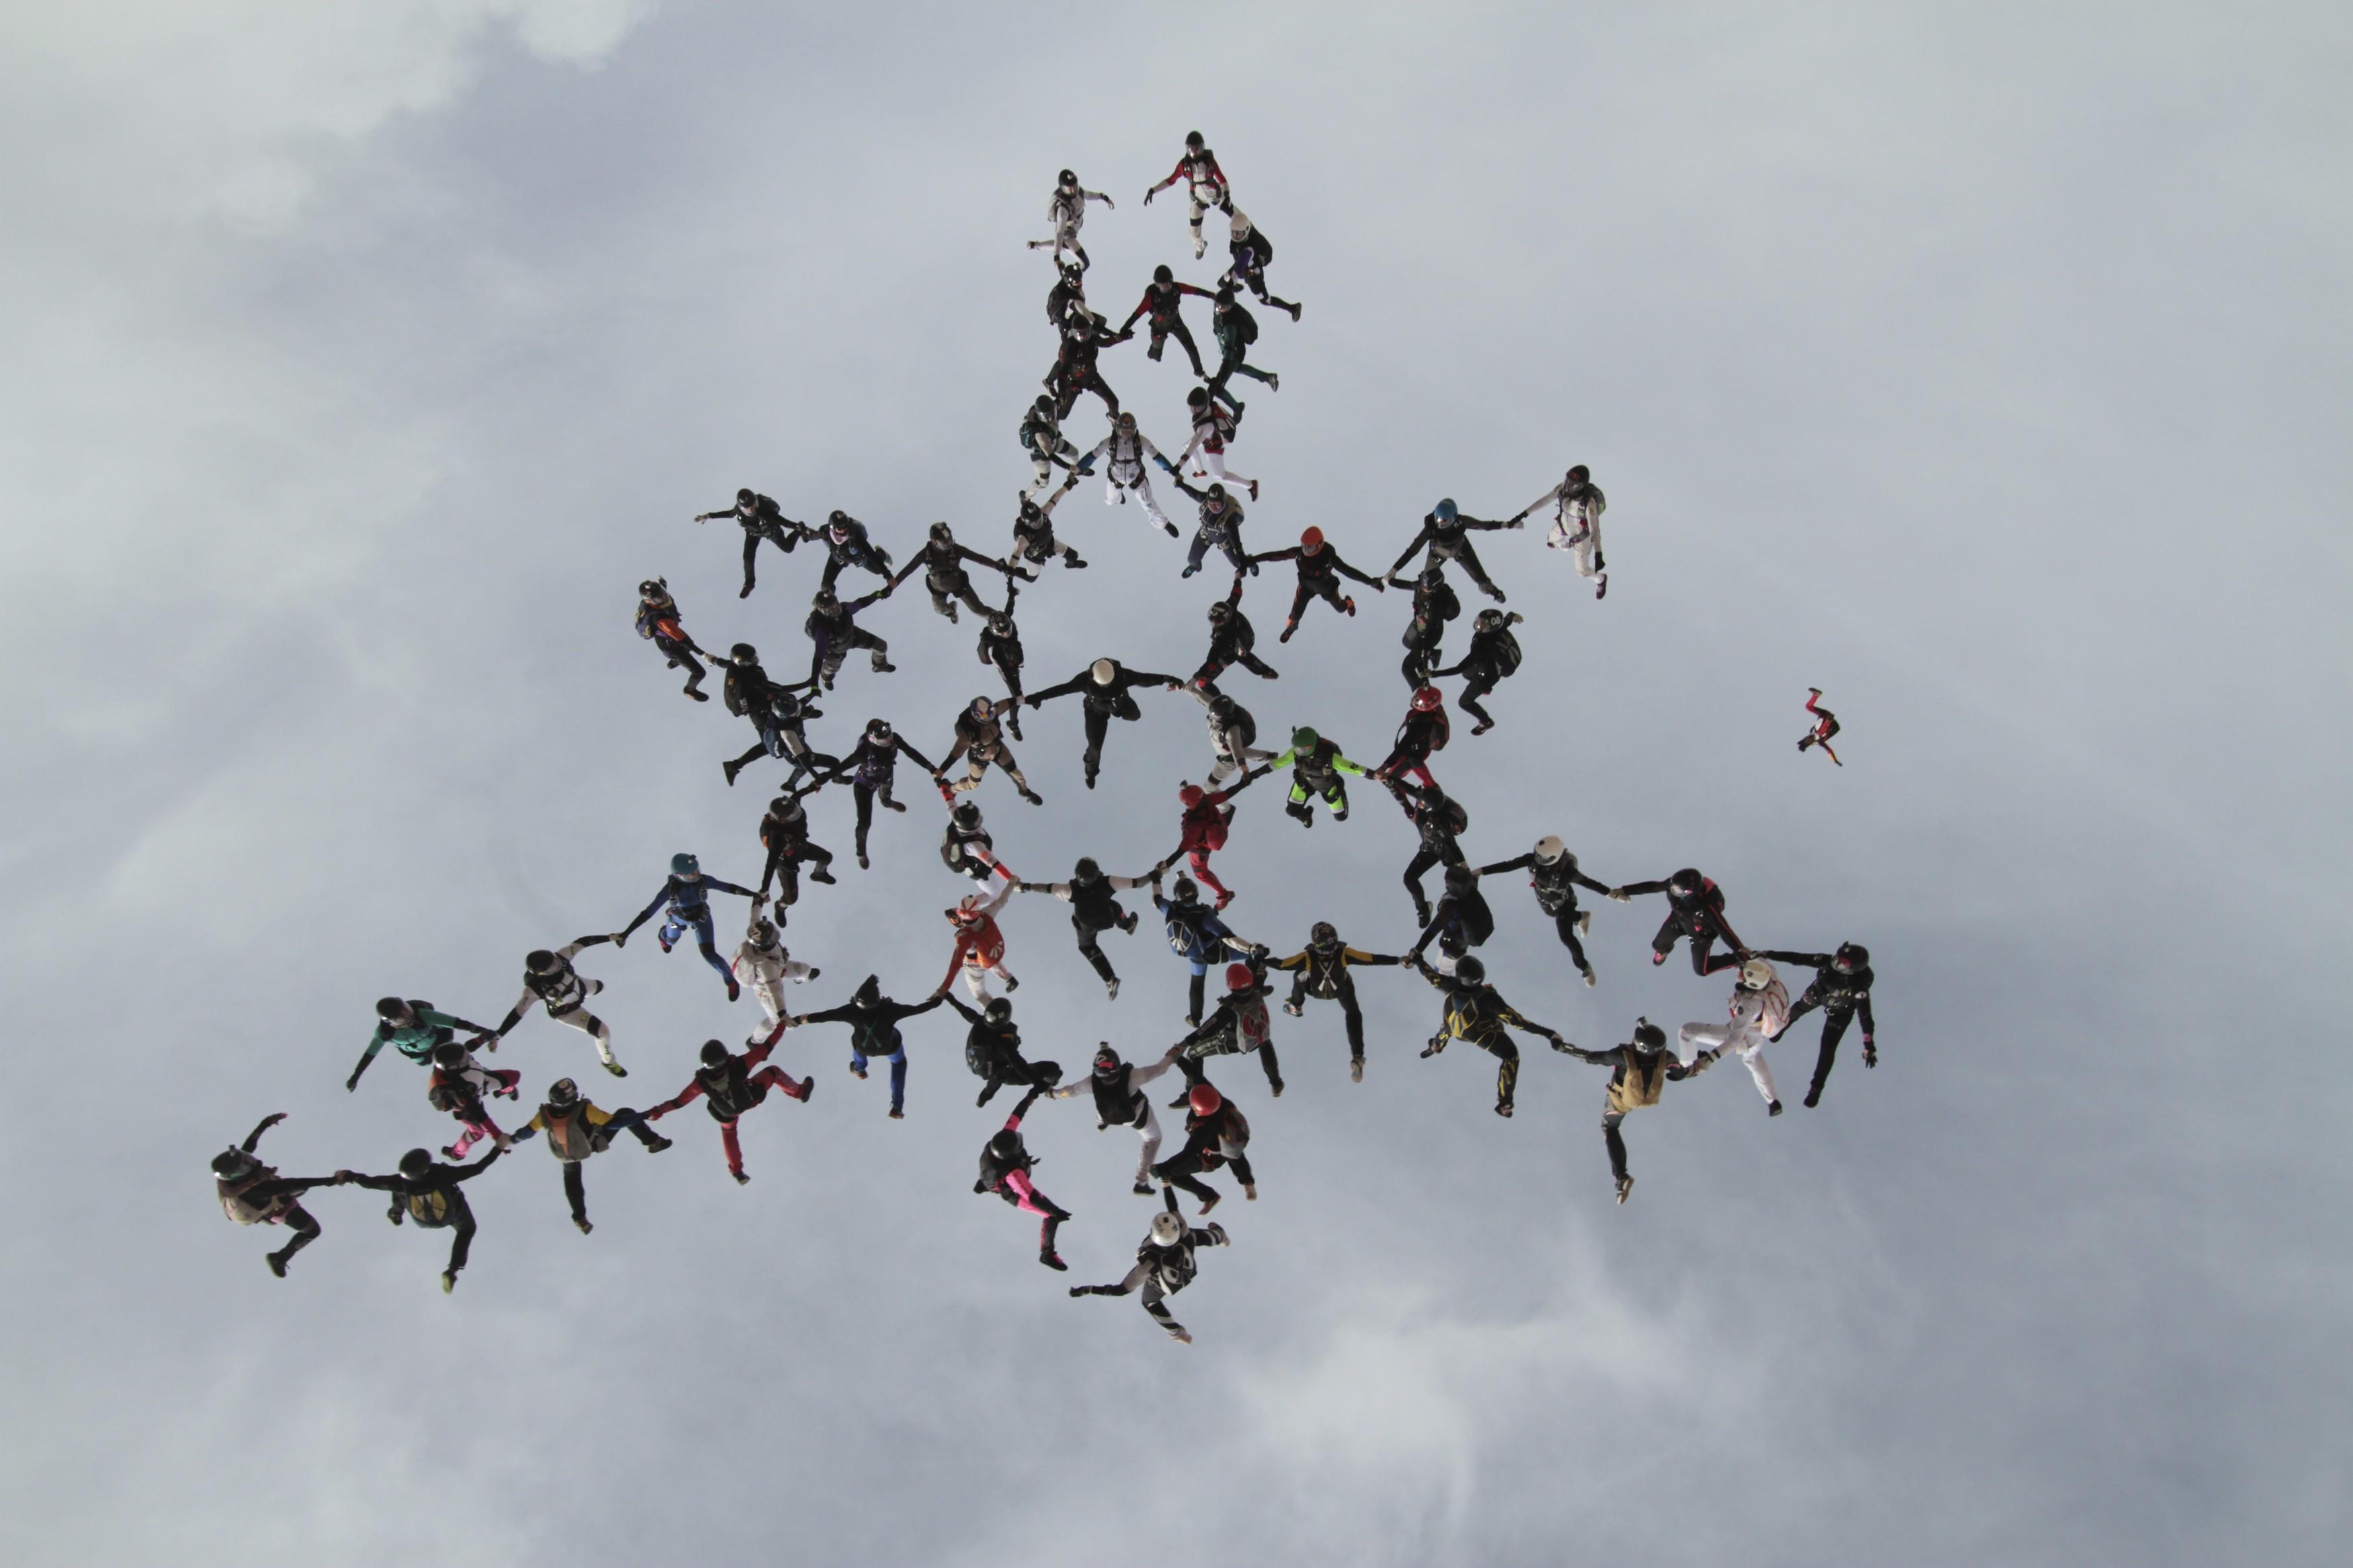 Немецкая парашютистка погибла при попытке установить мировой рекорд